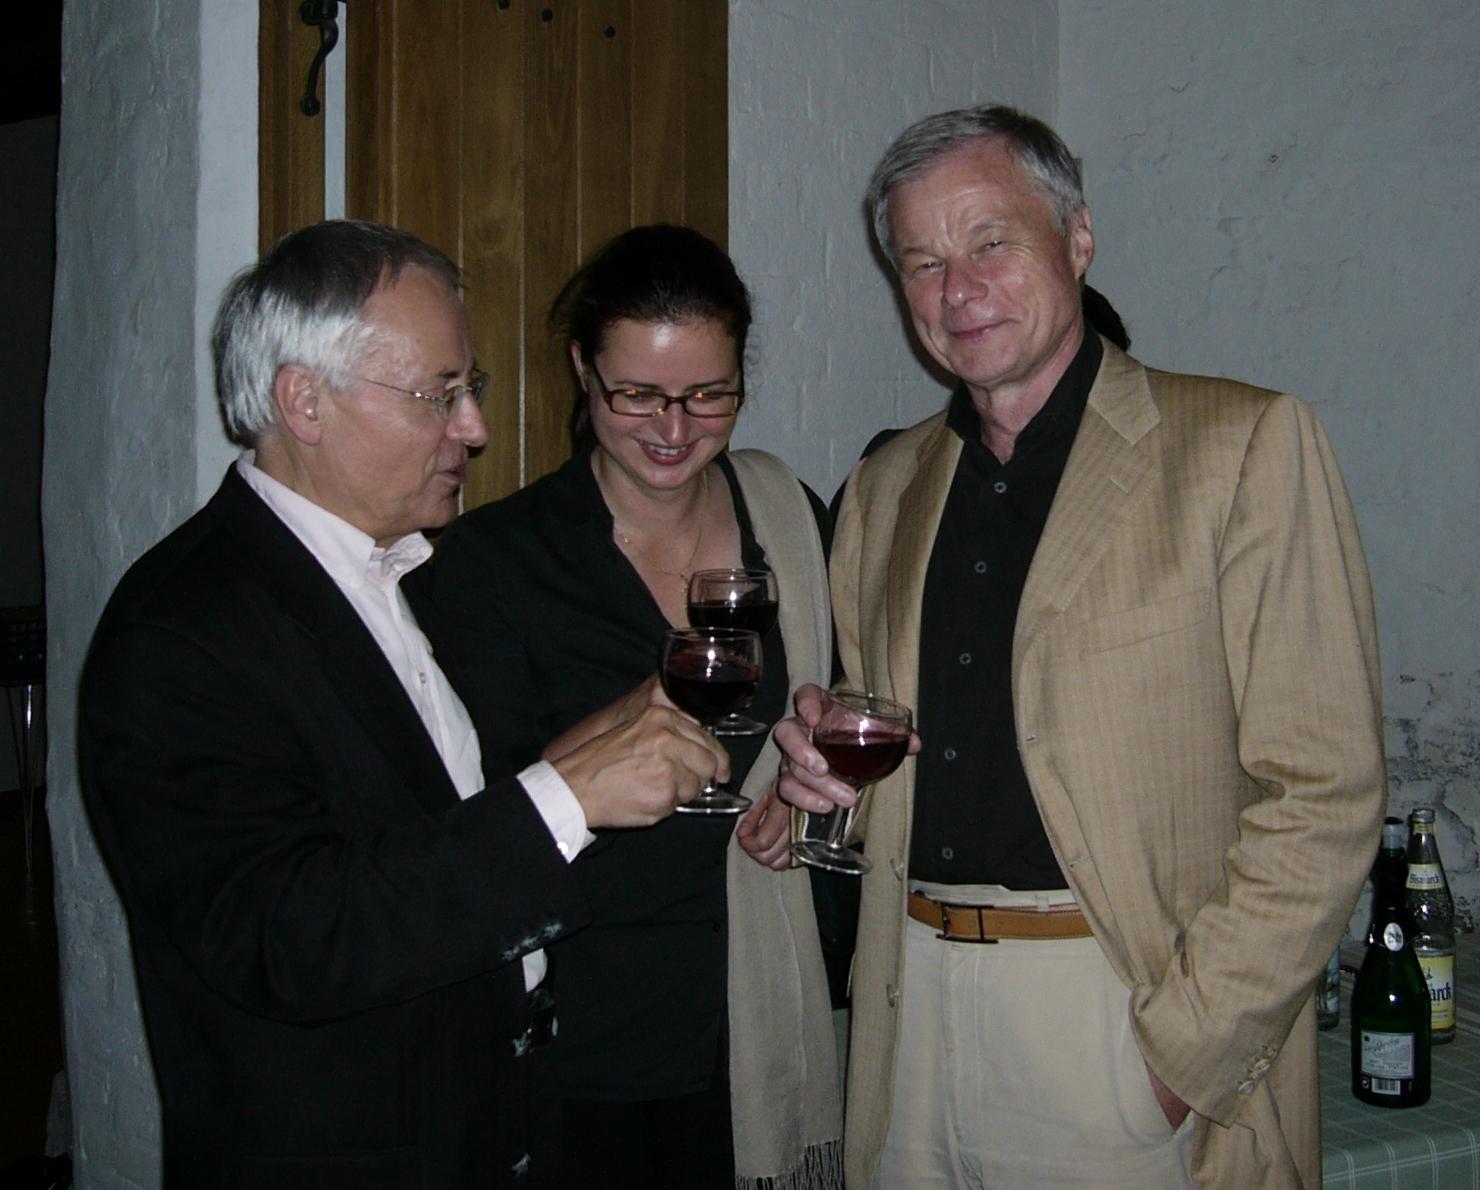 Kirche St. Johannis Lüneburg  22. Juli 2004: Rolf Beck, Sabine Kus, Gunther Pohl (von rechts nach links)